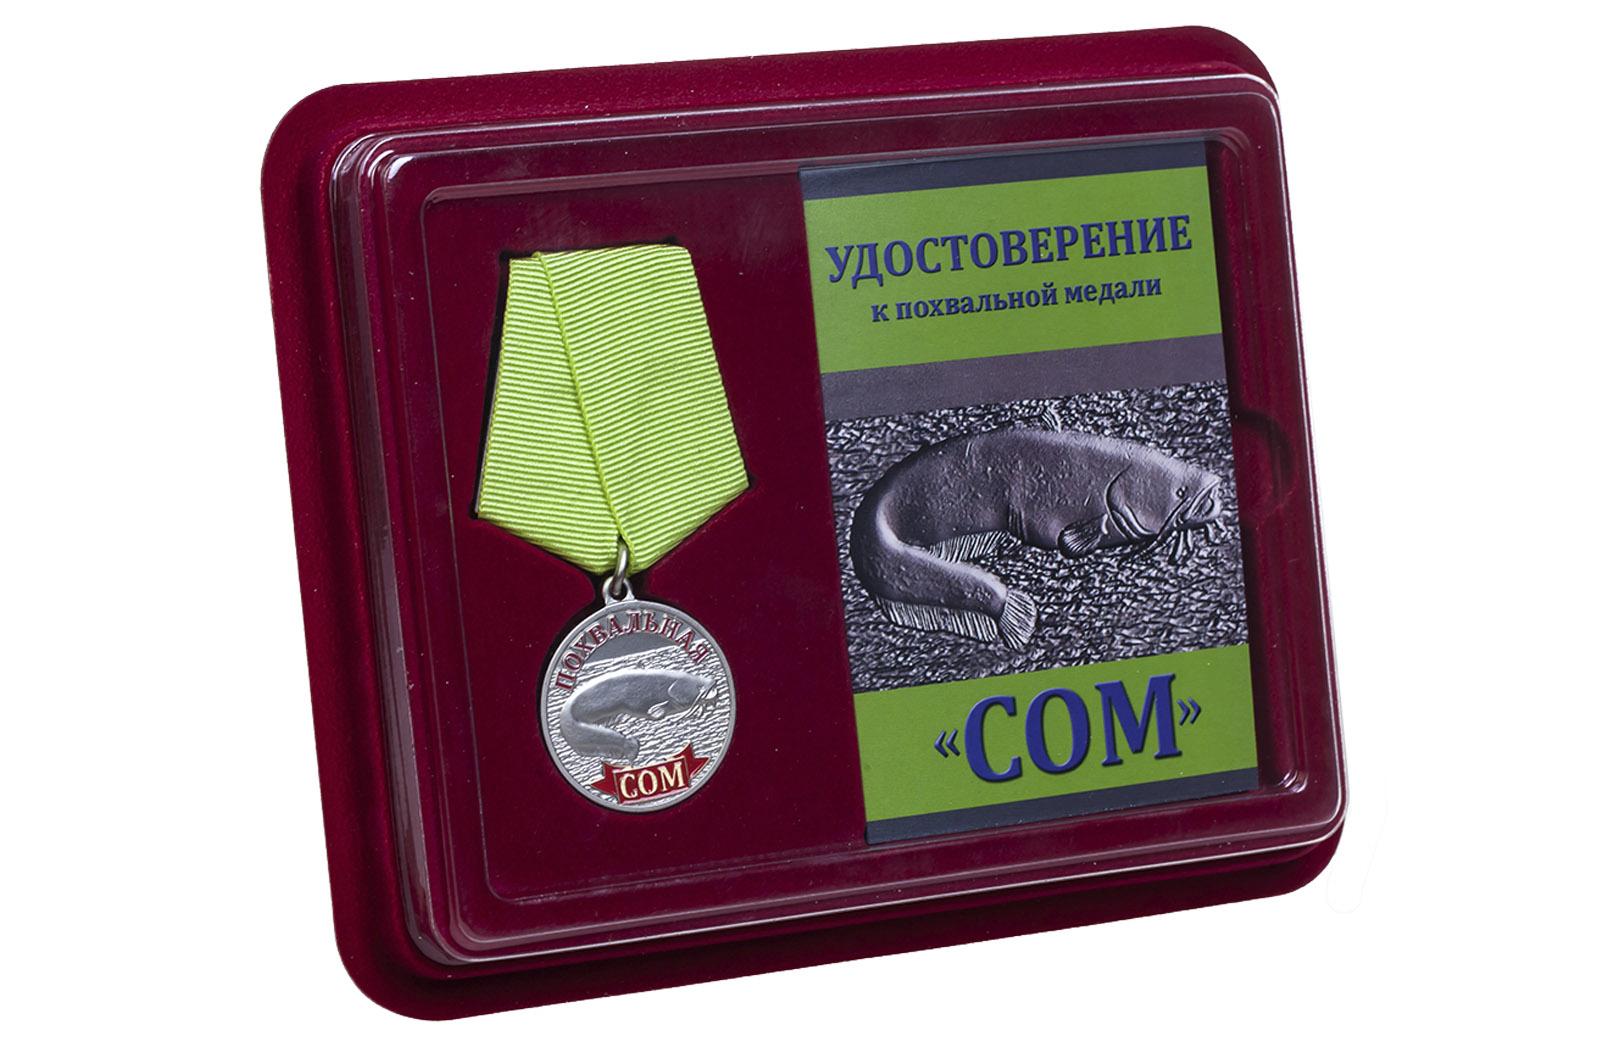 Купить похвальную медаль Сом оптом или в розницу